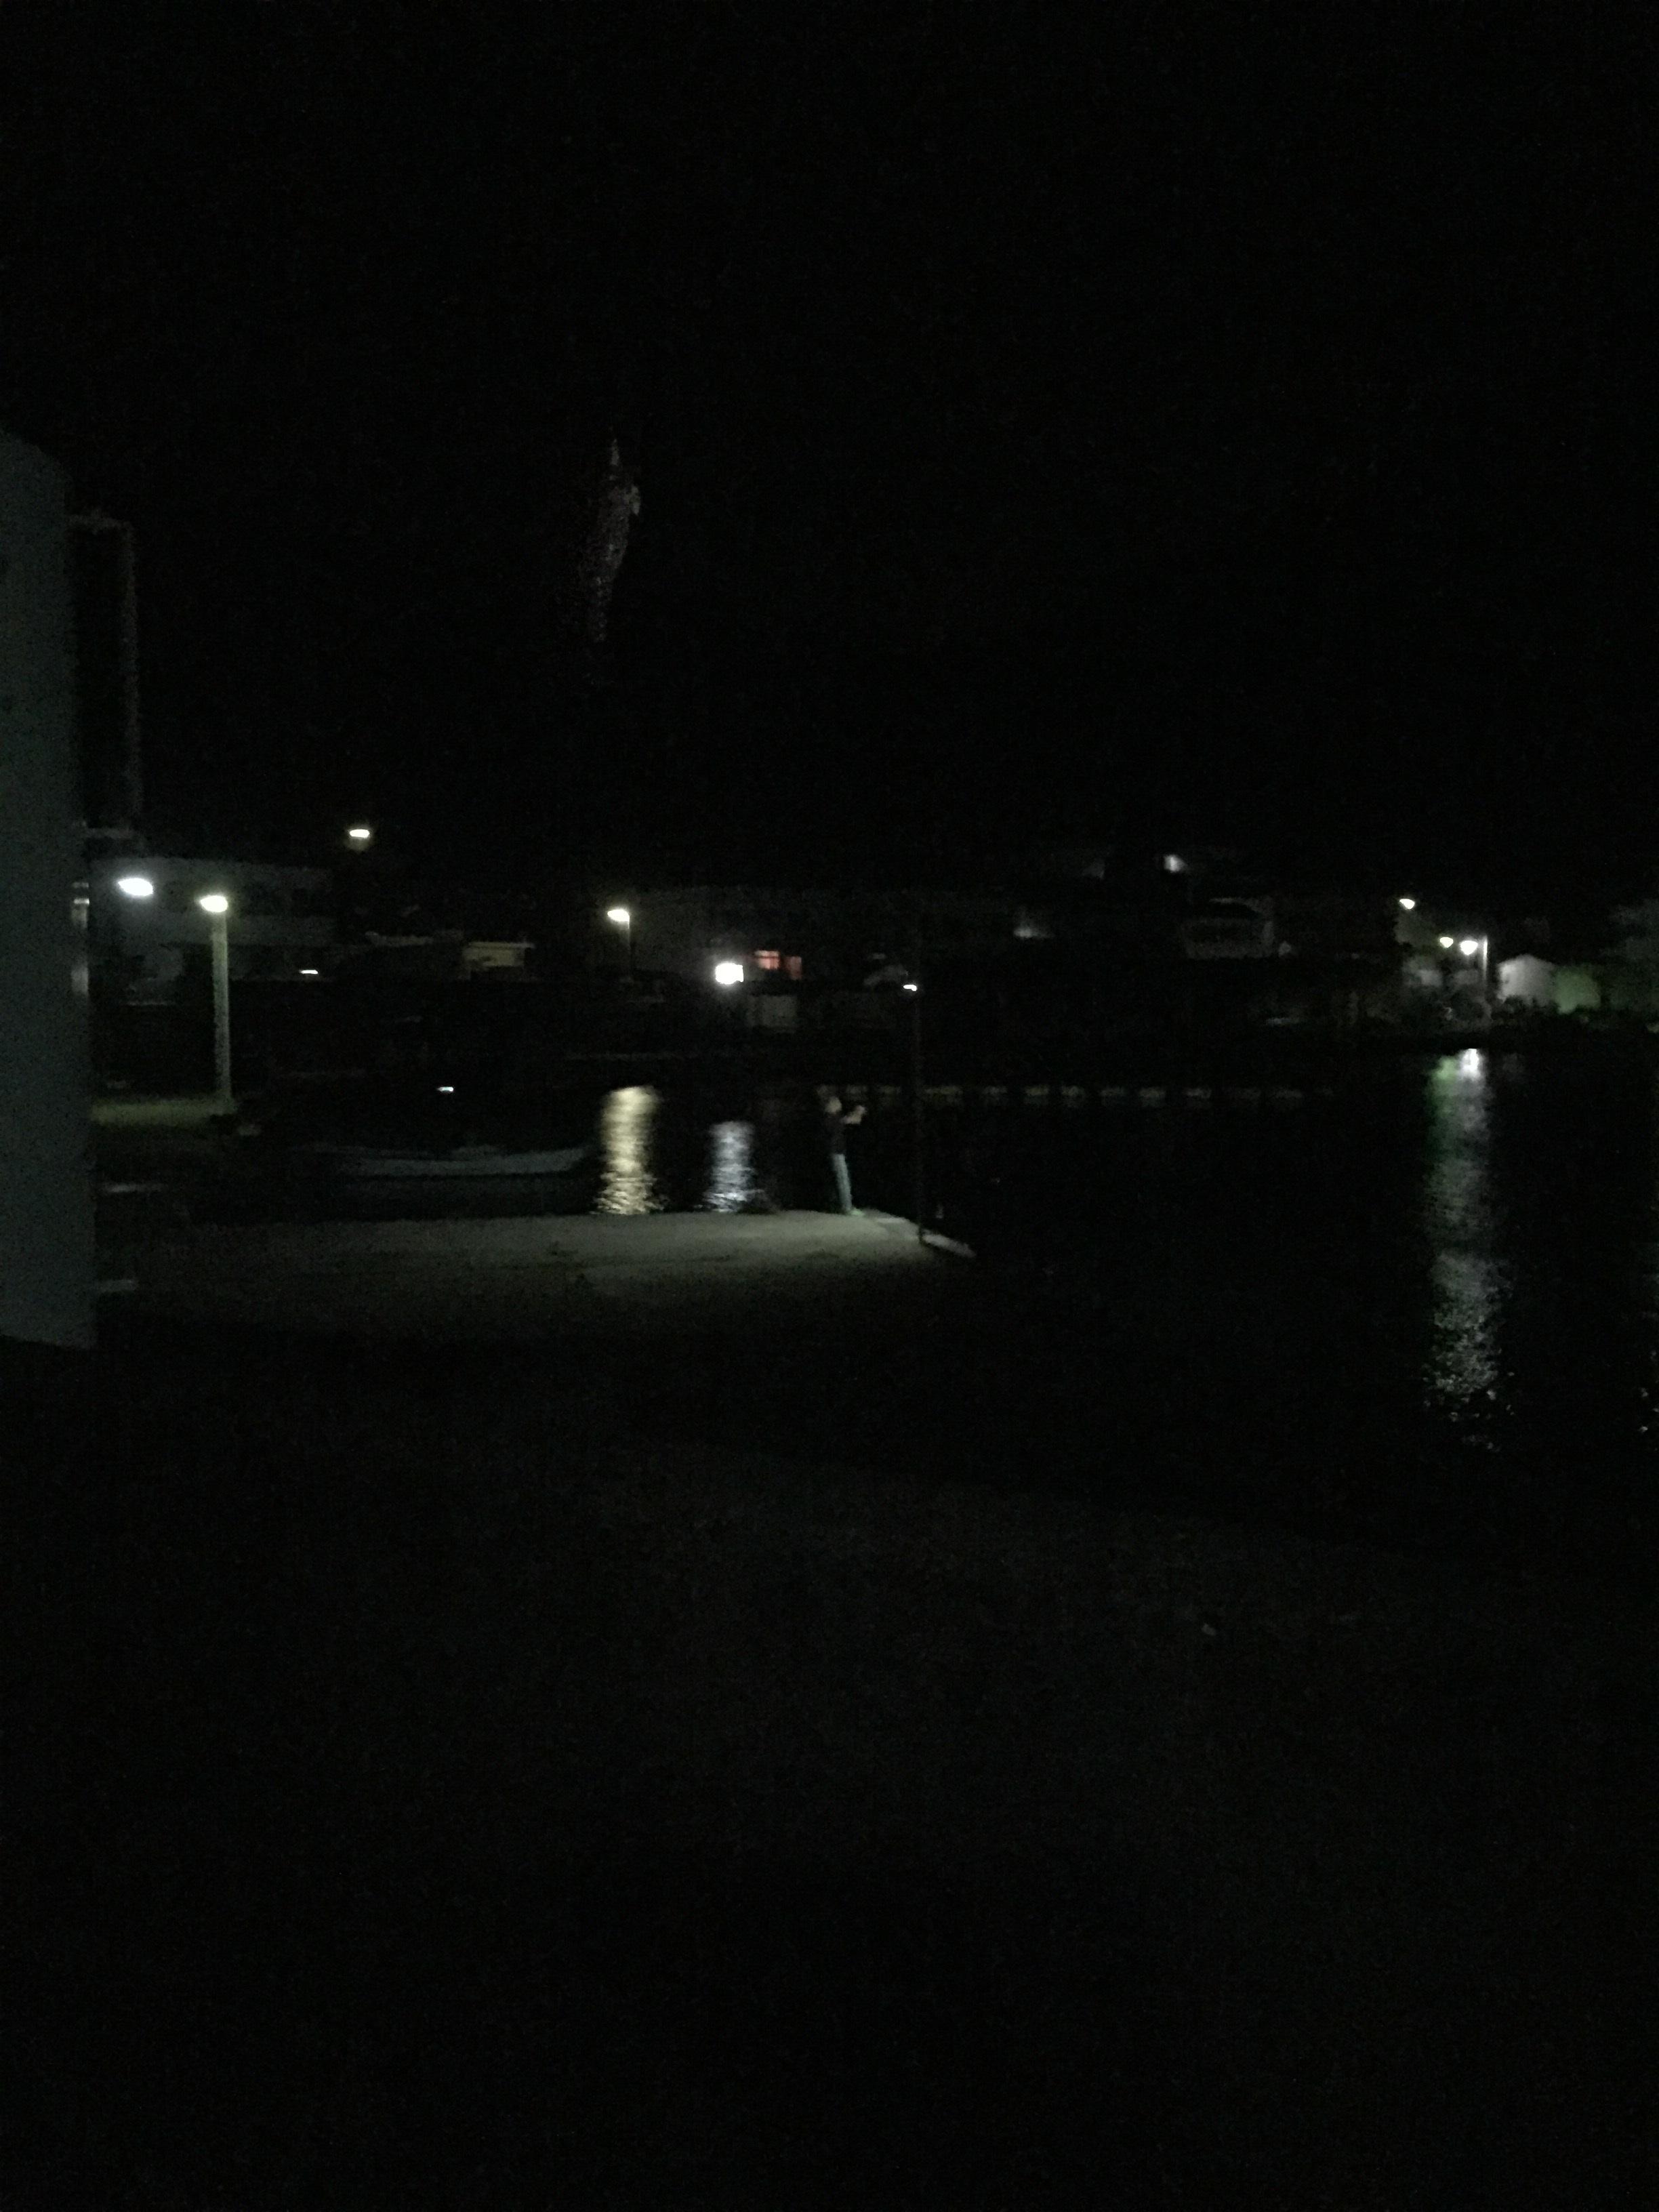 戸津井漁港の釣り場紹介(和歌山中紀)常夜灯まわりのナイトエギングとアジング